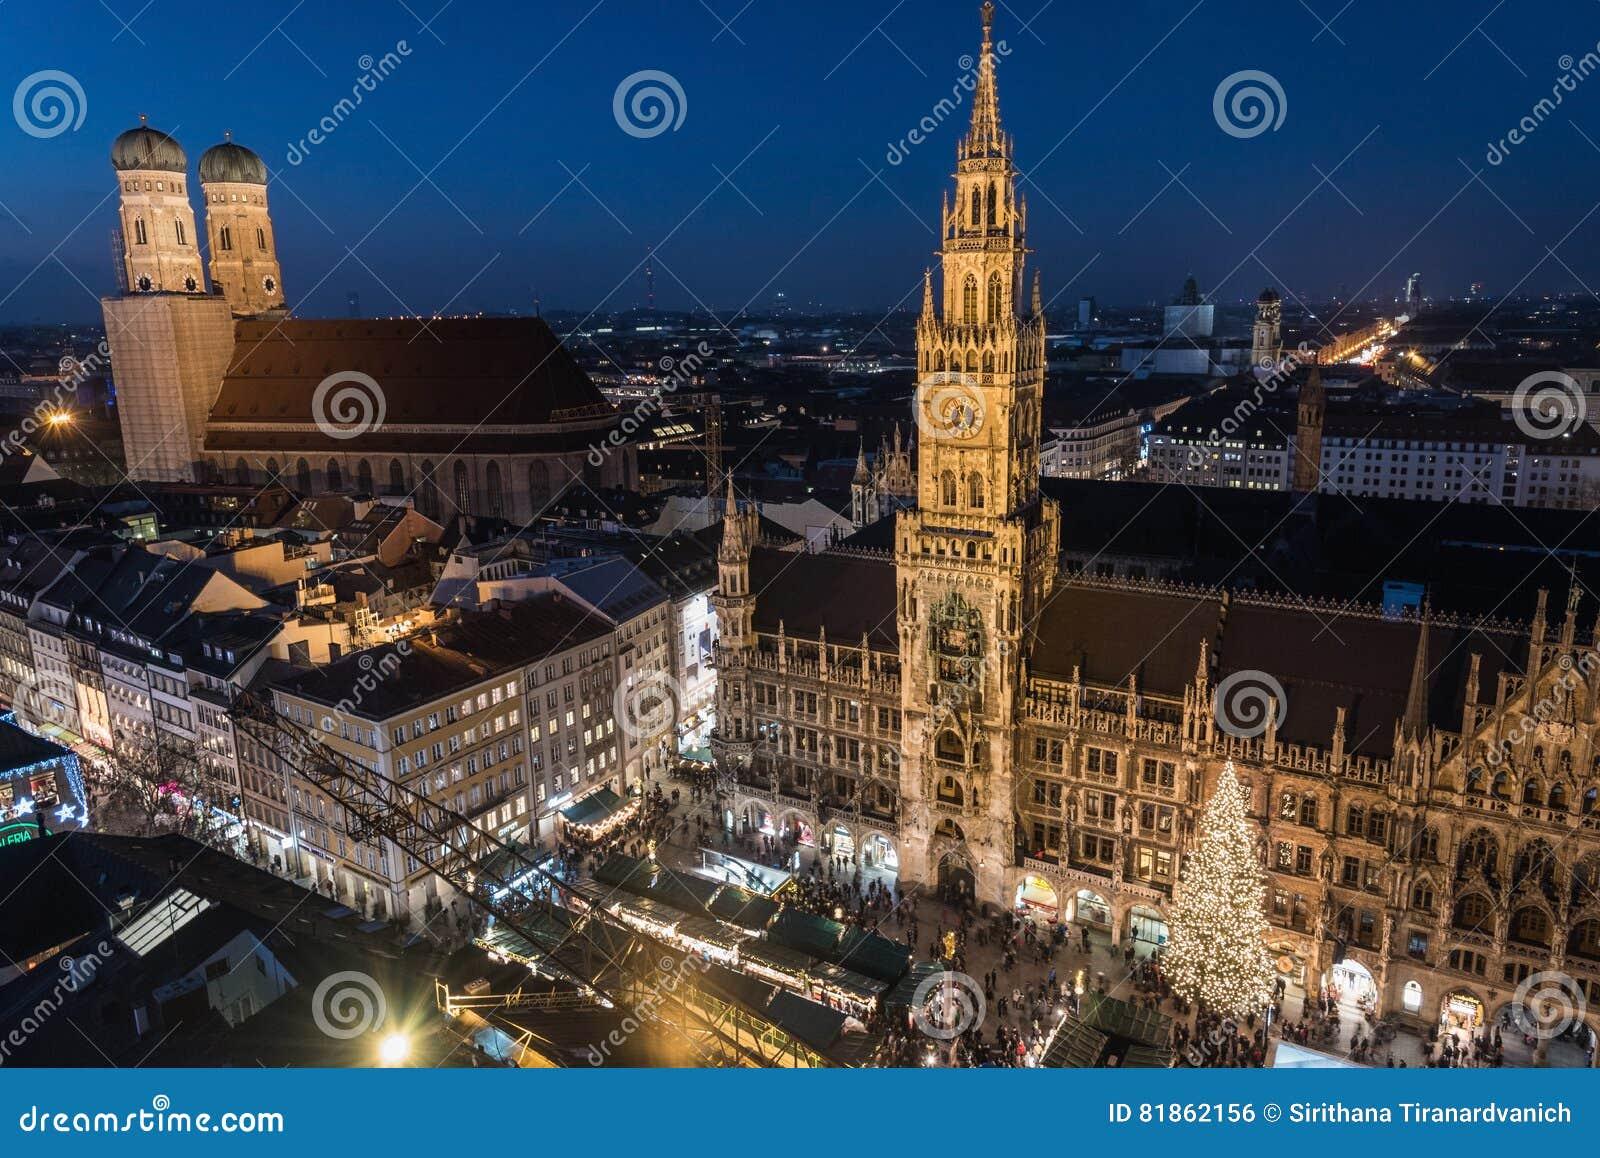 Mercado de la navidad en marienplatz munich alemania - Navidades en alemania ...